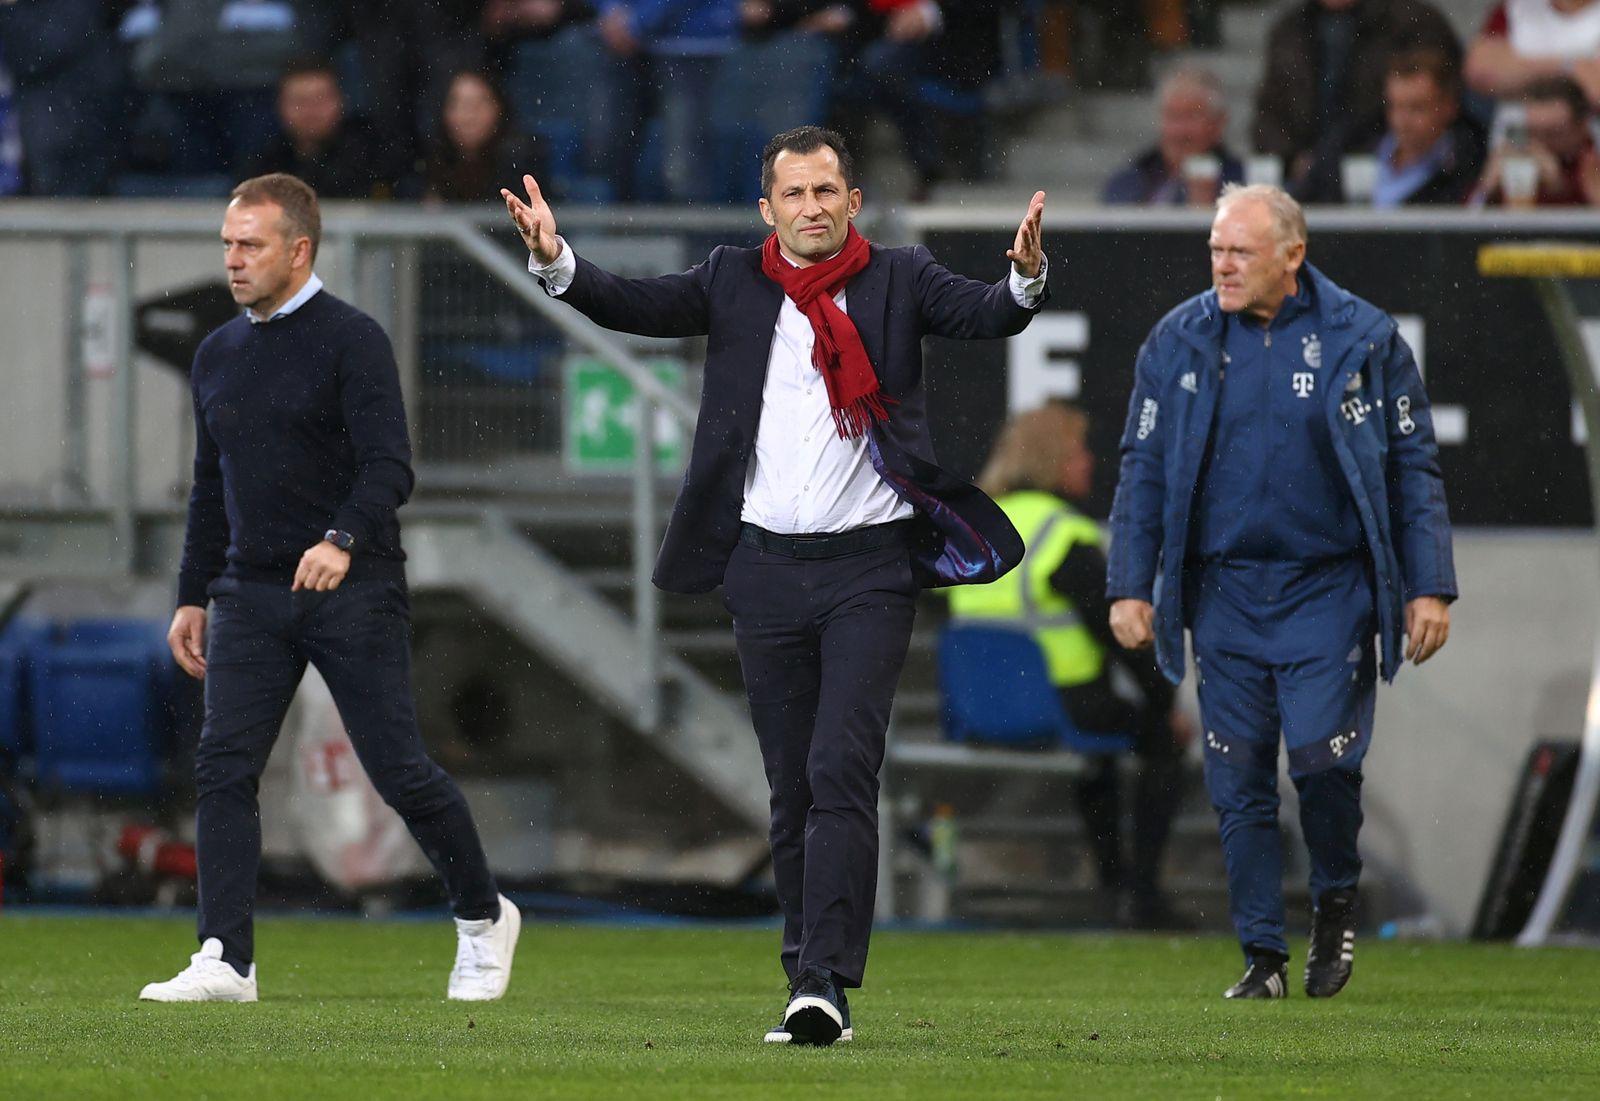 Bundesliga - TSG 1899 Hoffenheim v Bayern Munich